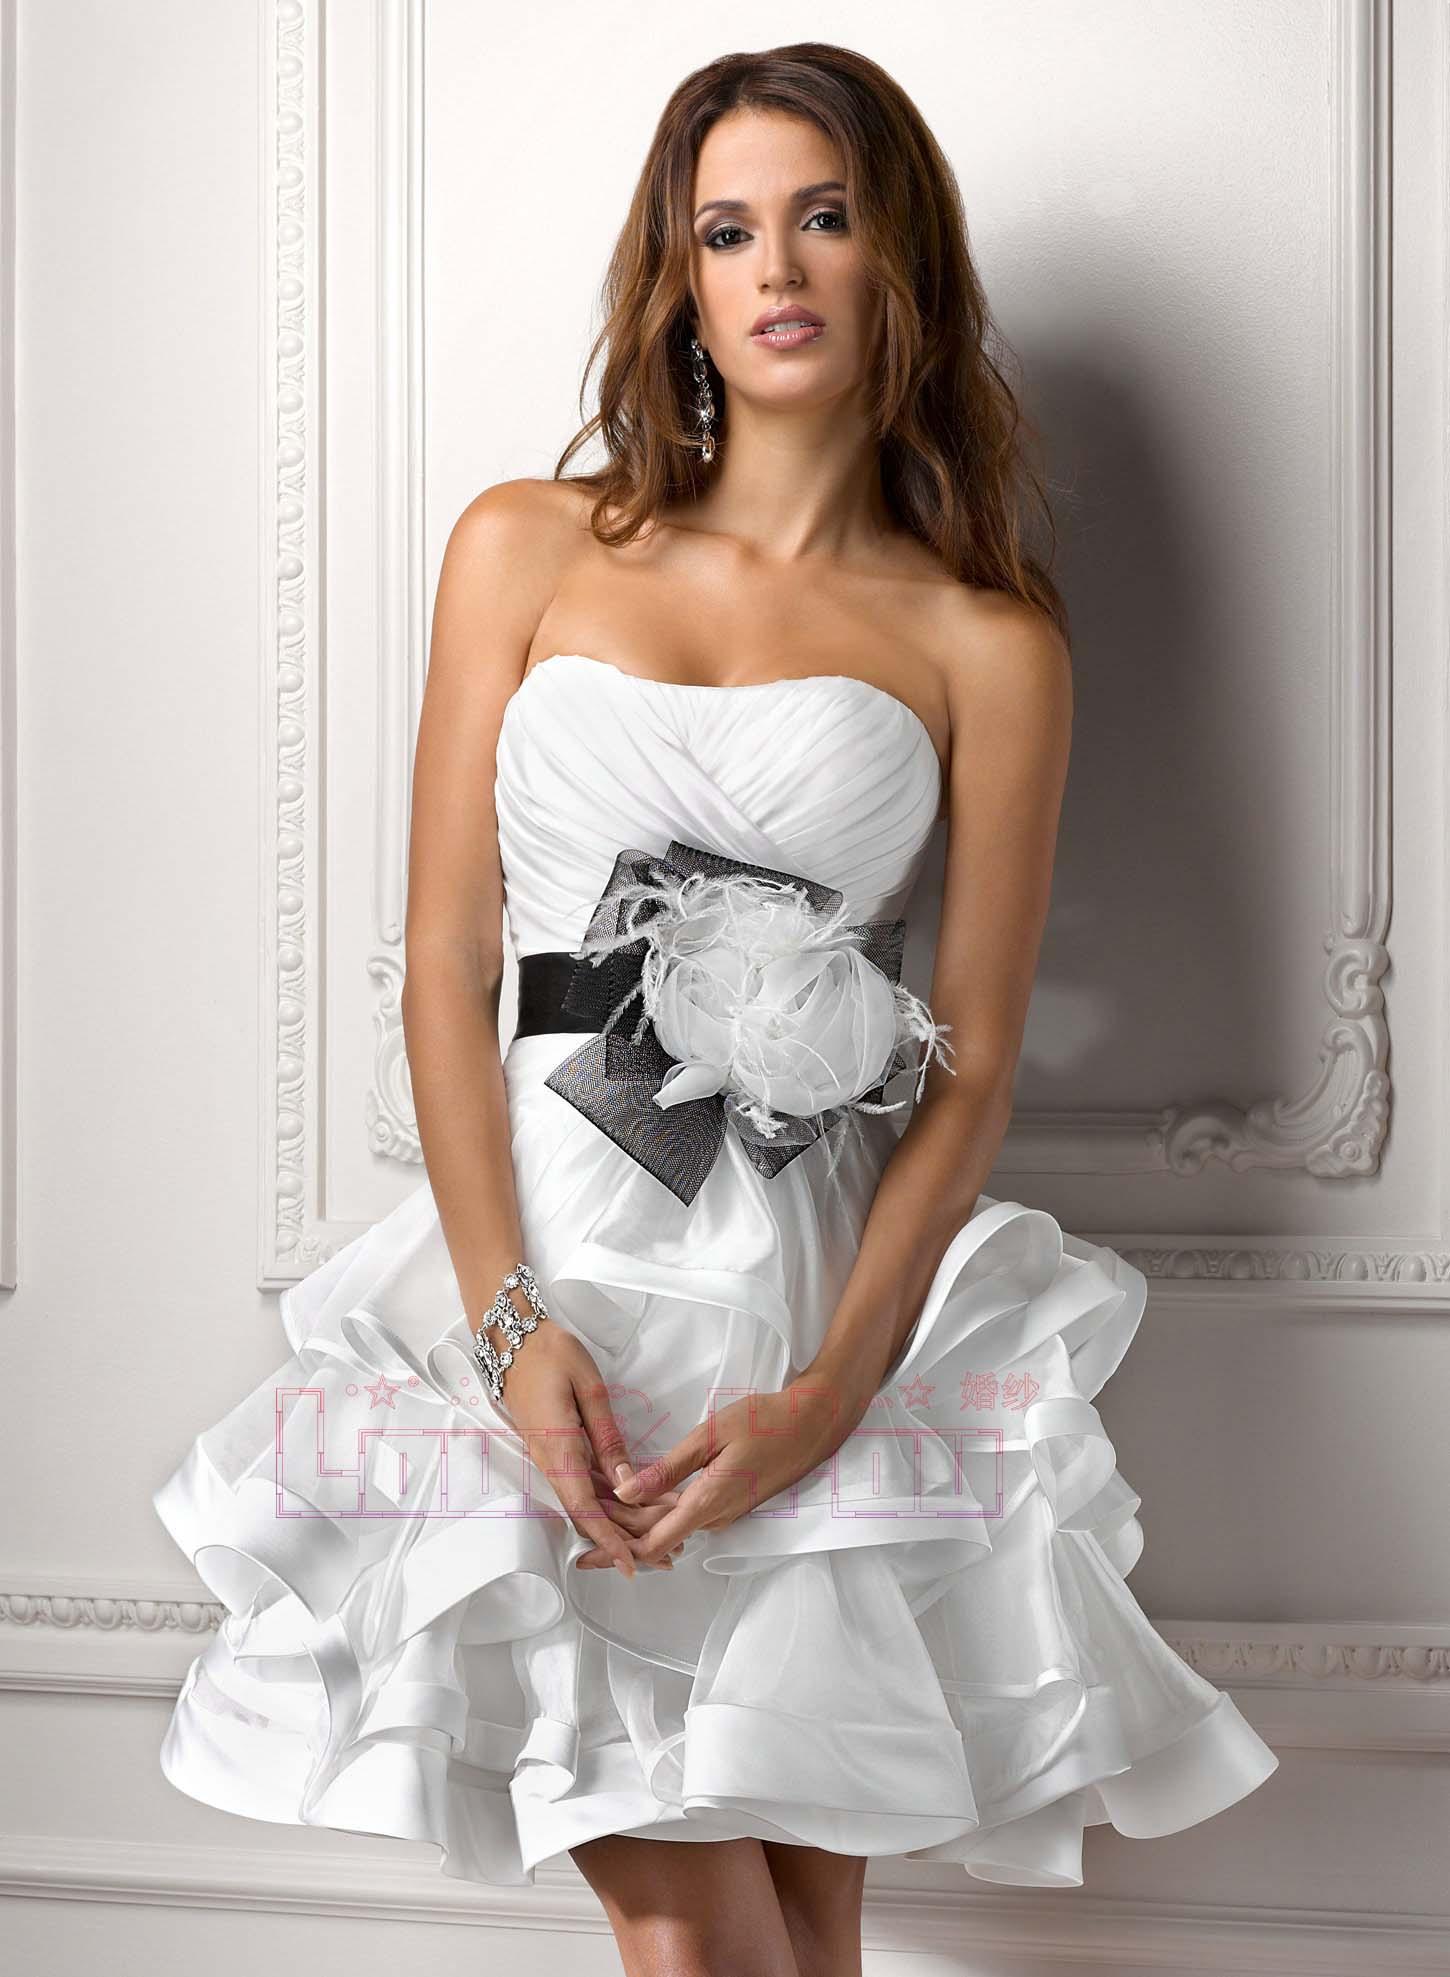 Девушки в свадебном коротком платье фото